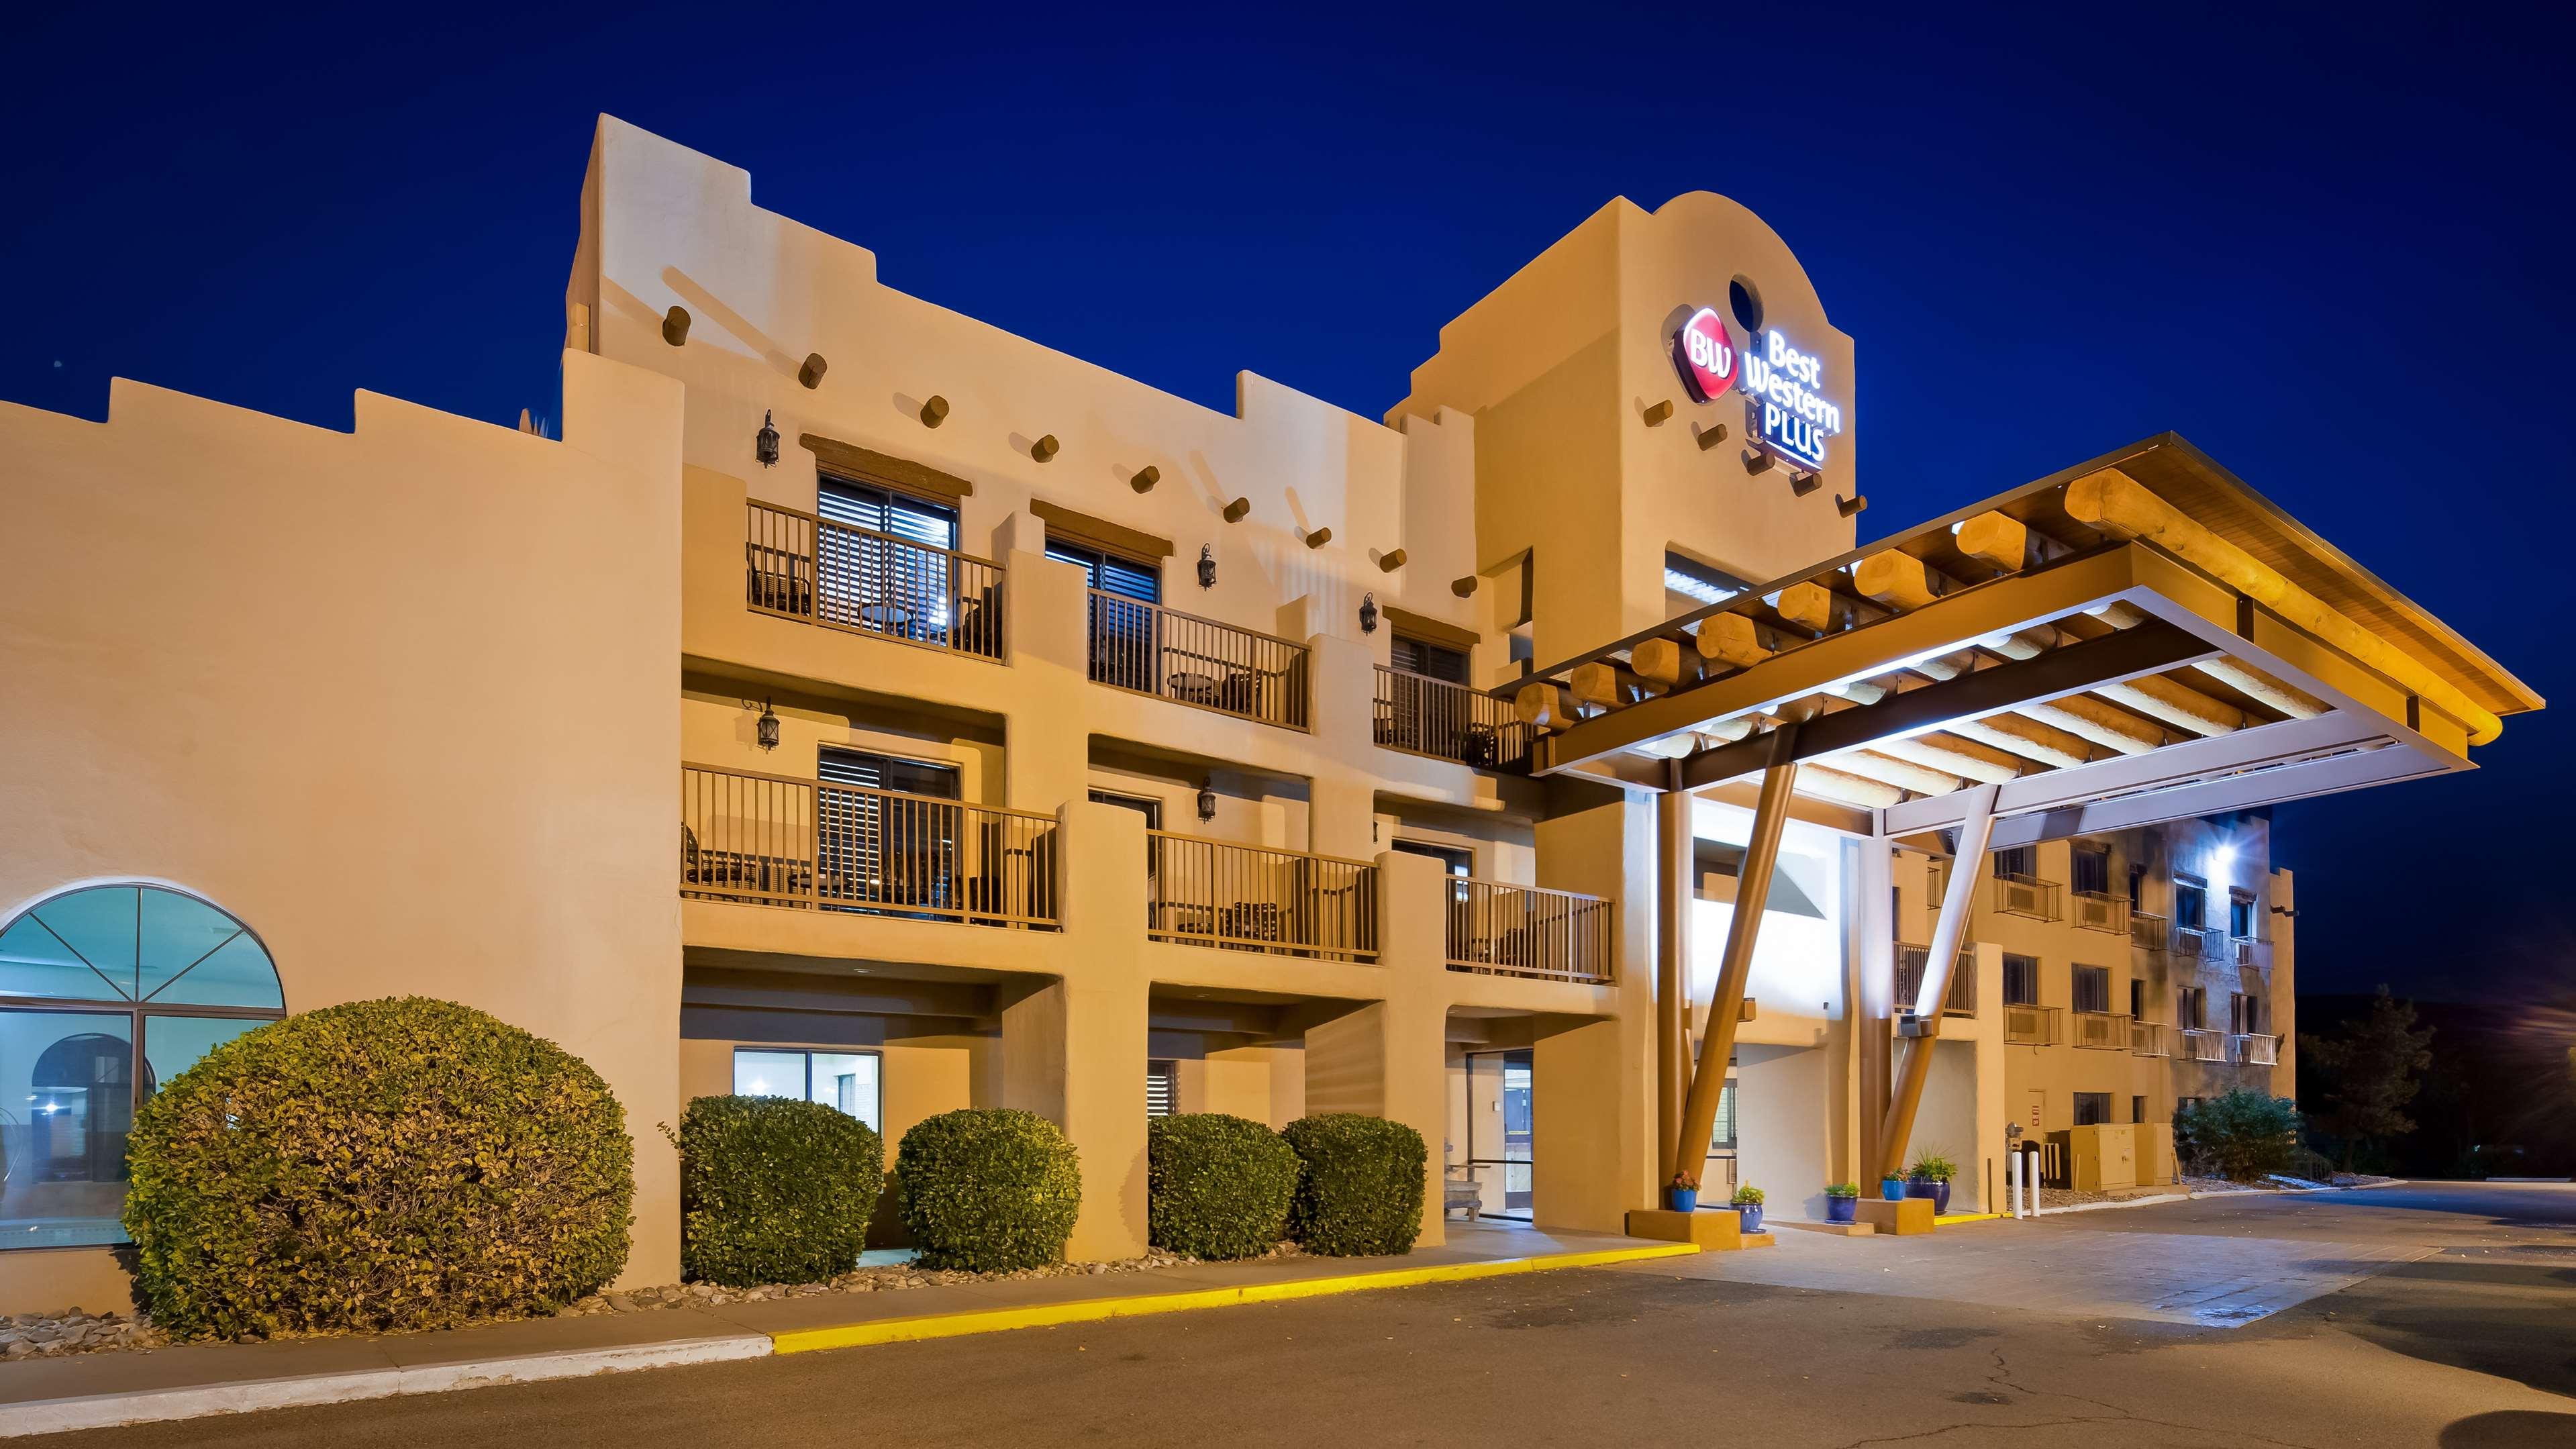 Best Western Plus Inn of Santa Fe image 1